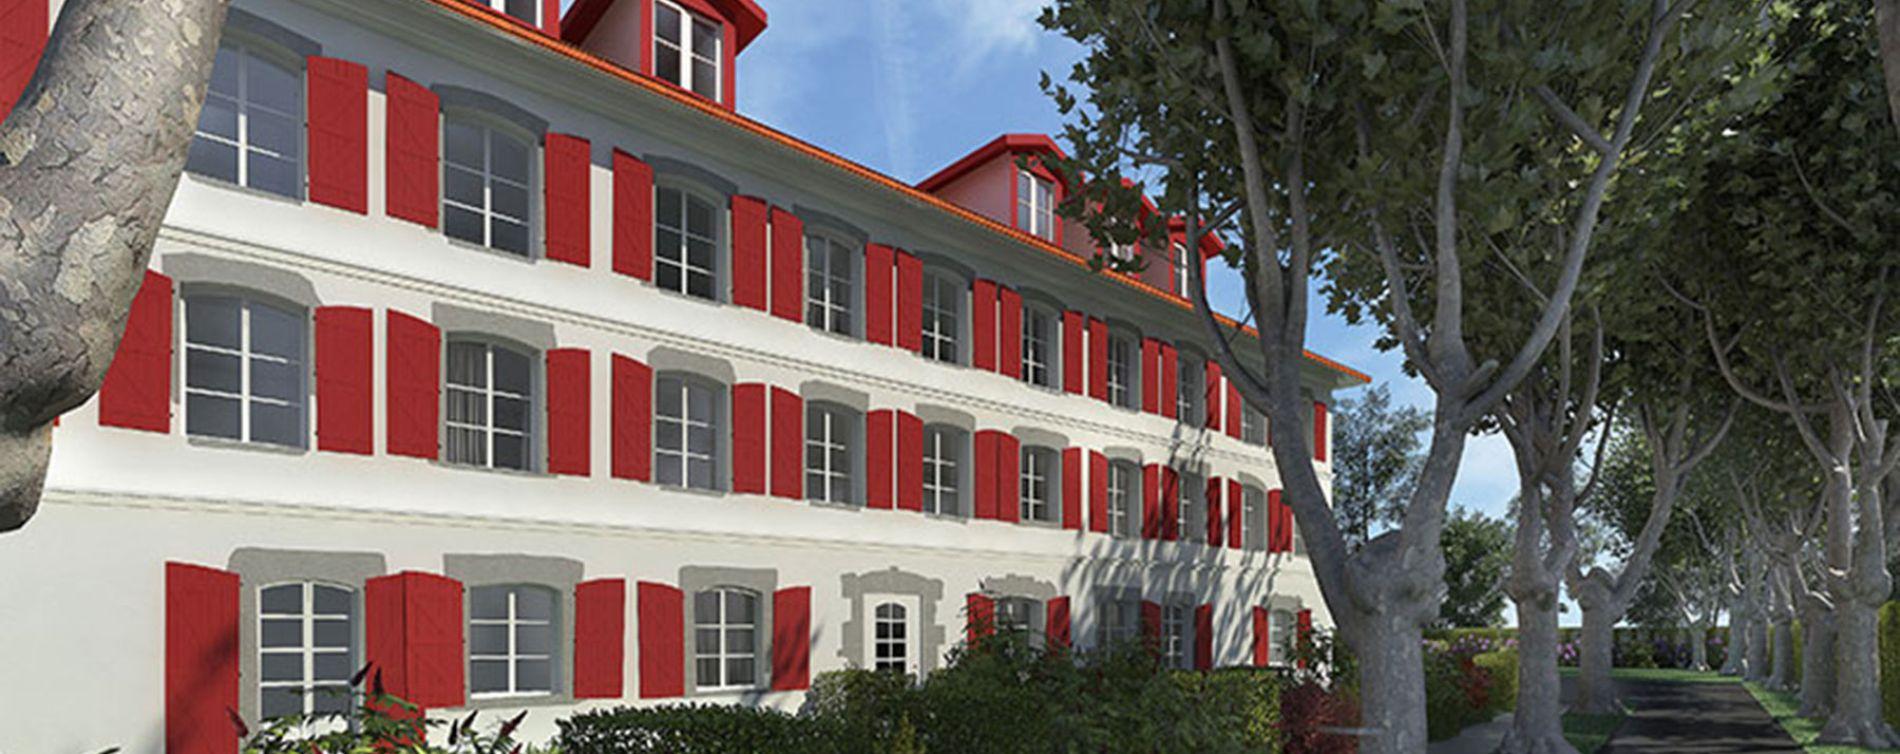 Bayonne : programme immobilier à rénover « Jean d'Amou » en Déficit Foncier